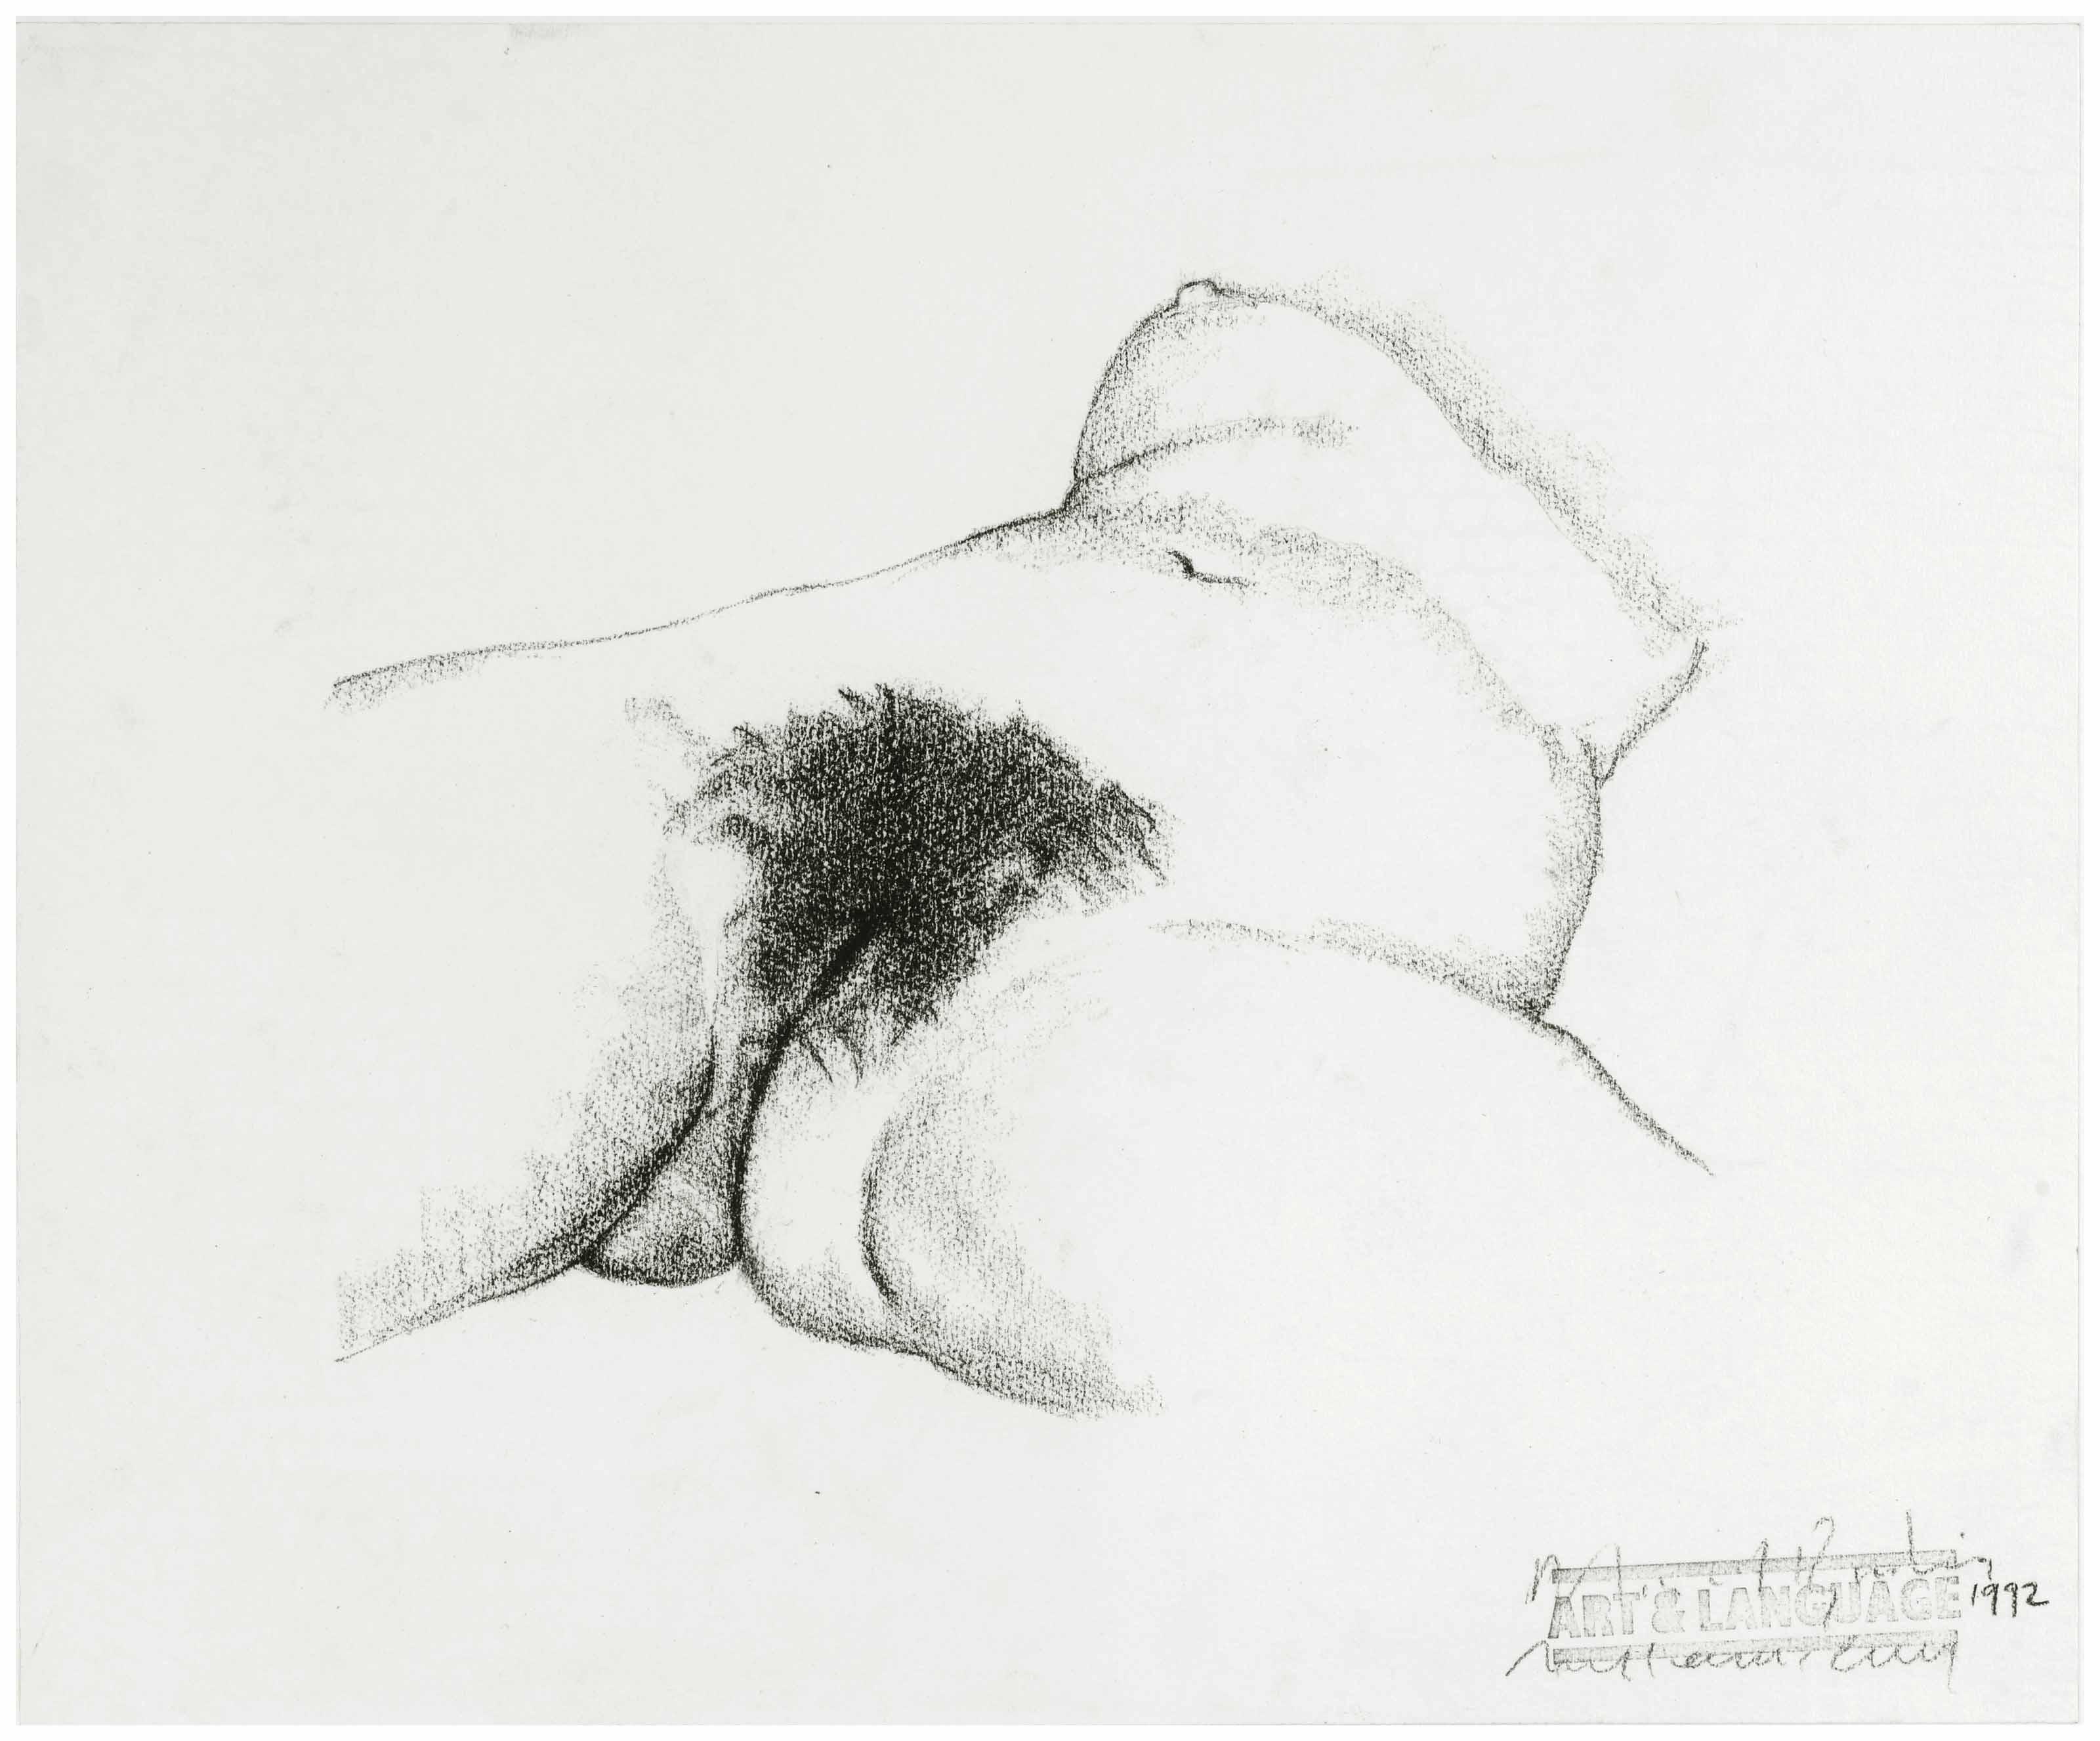 Study after Gustave Courbet's 'L'Origine du monde'